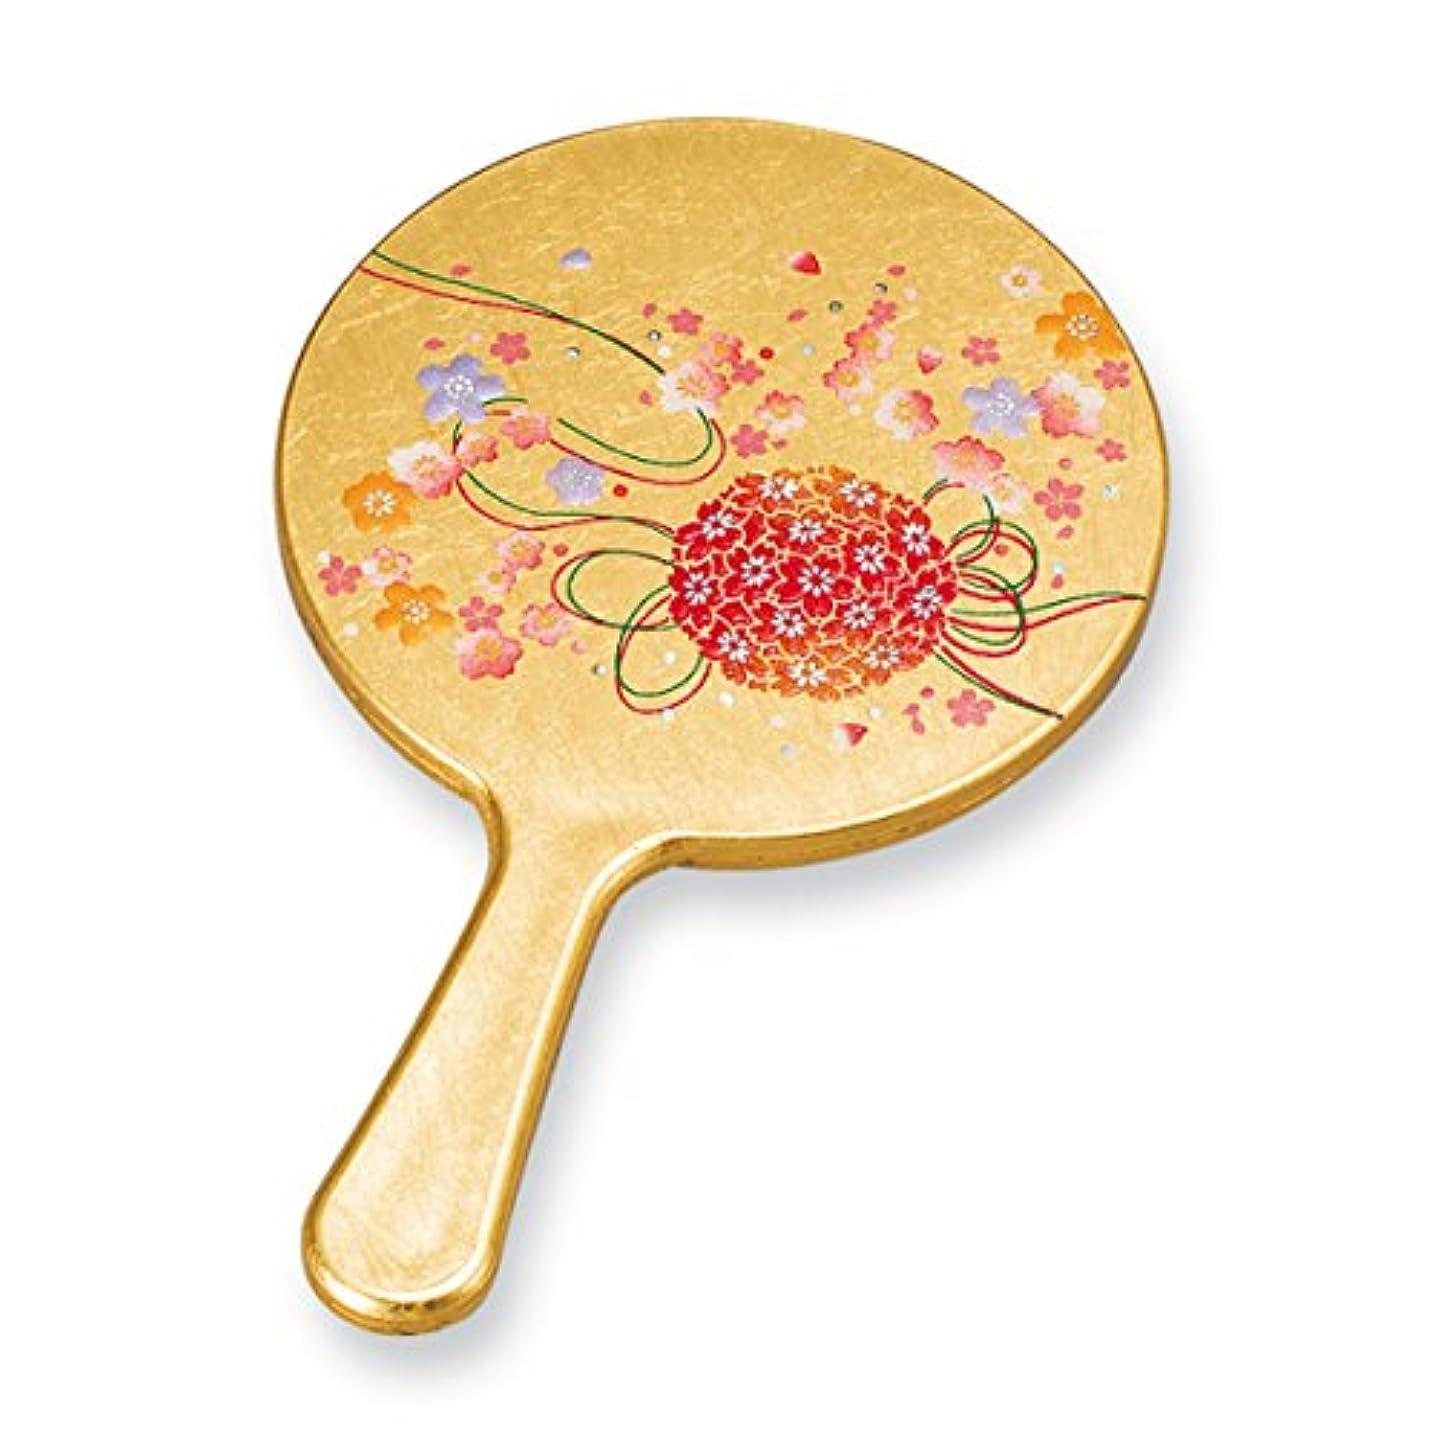 鰐急速なウイルス手鏡 ハンドミラー 和風 和柄 箔工芸 京てまり 姫鏡 M16412